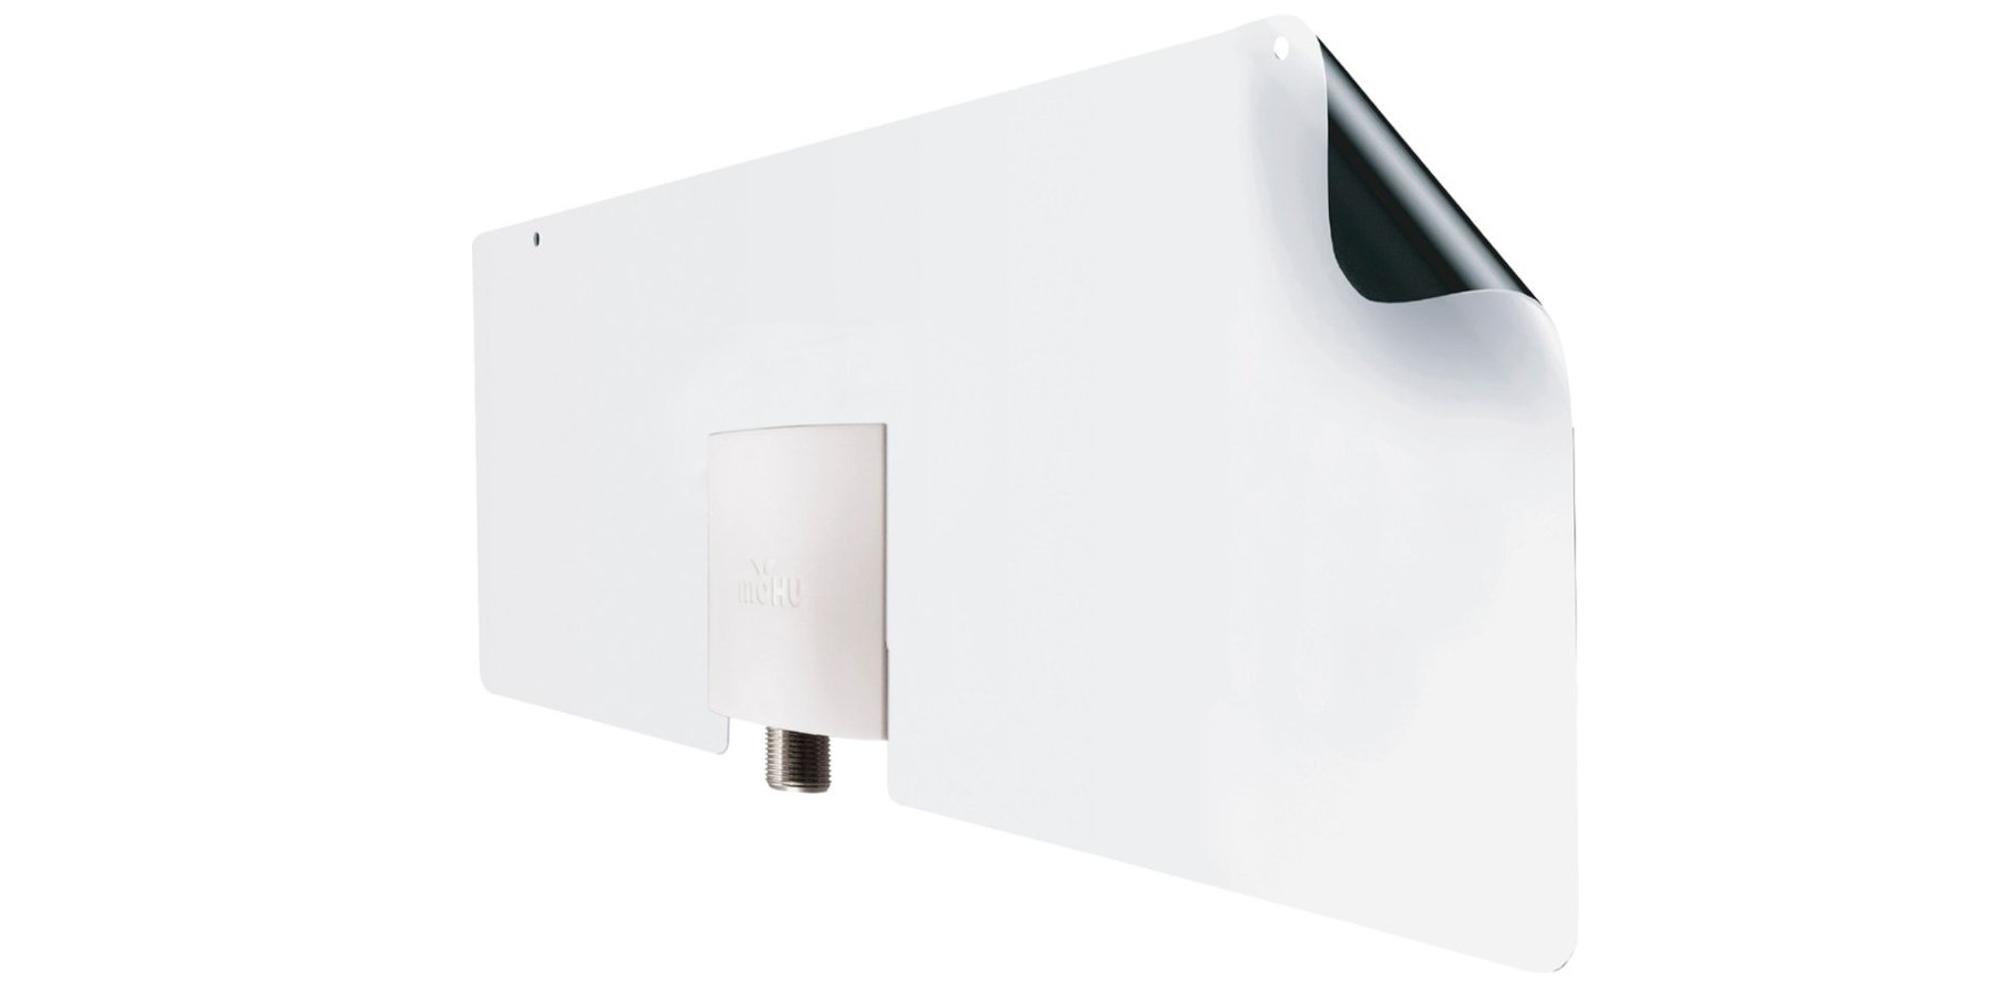 Mohu's Leaf Metro Indoor HDTV Antenna pulls in 25-miles of OTA content: $15 (25% off)